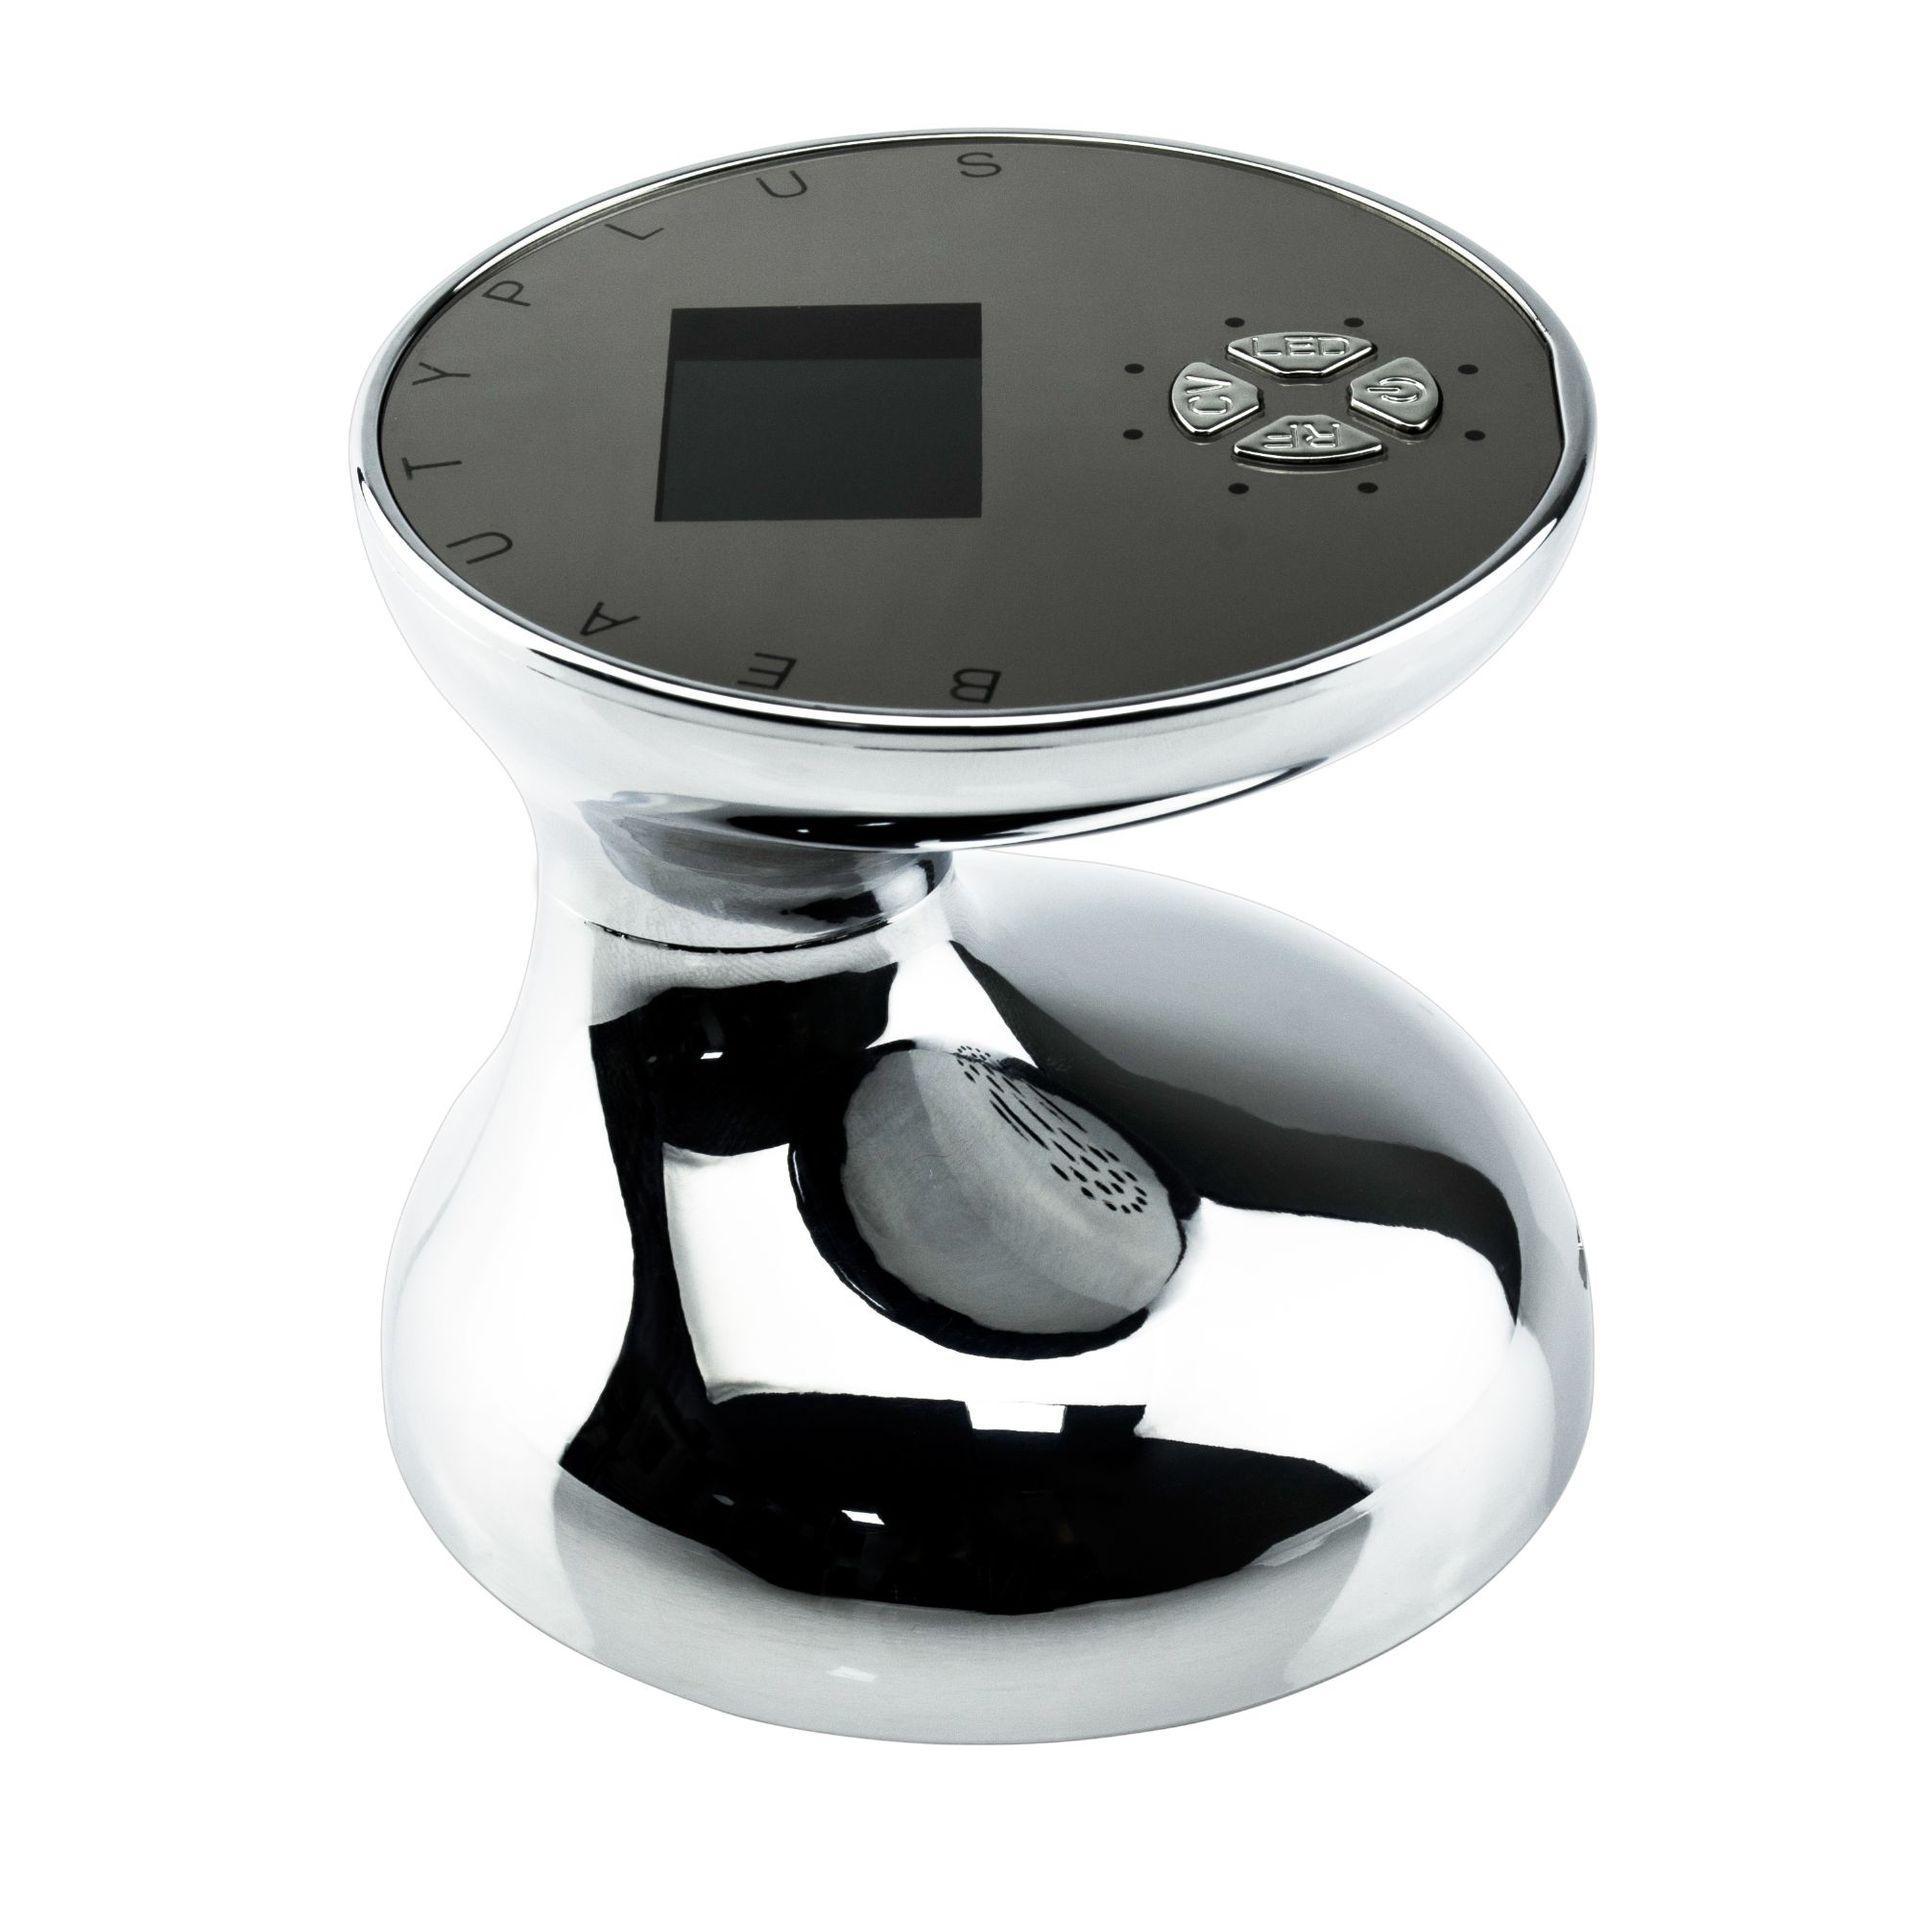 أحدث التخسيس مدلك آلة متعدد الوظائف آلة الجمال العناية بالبشرة تشديد الوجه الرقبة ارفع جهاز